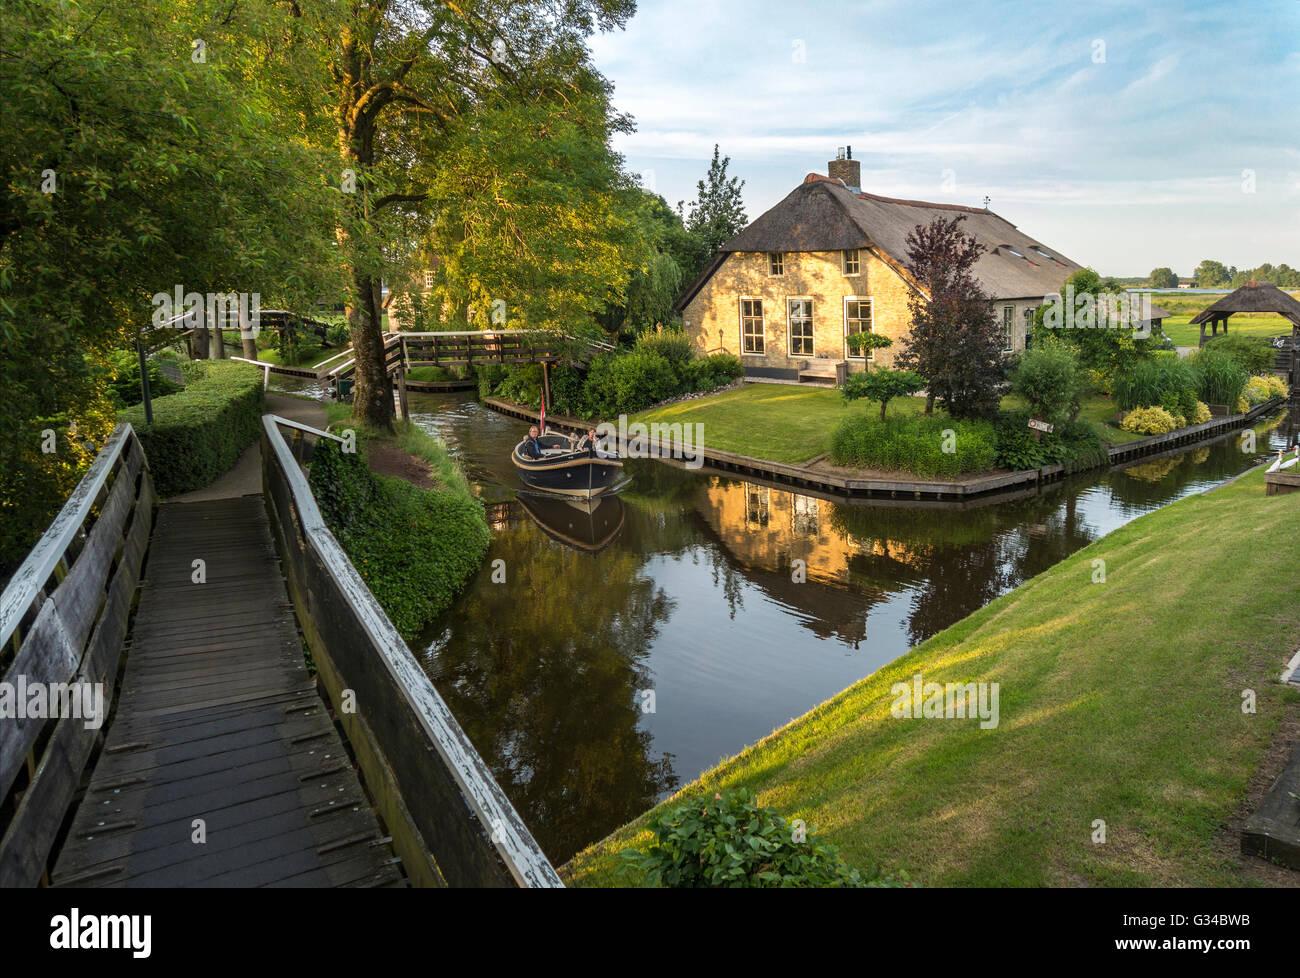 Giethoorn, Paesi Bassi. Barca in Dorpsgracht o villaggio Canal con fattoria convertita sull isola con ponte privato. Immagini Stock